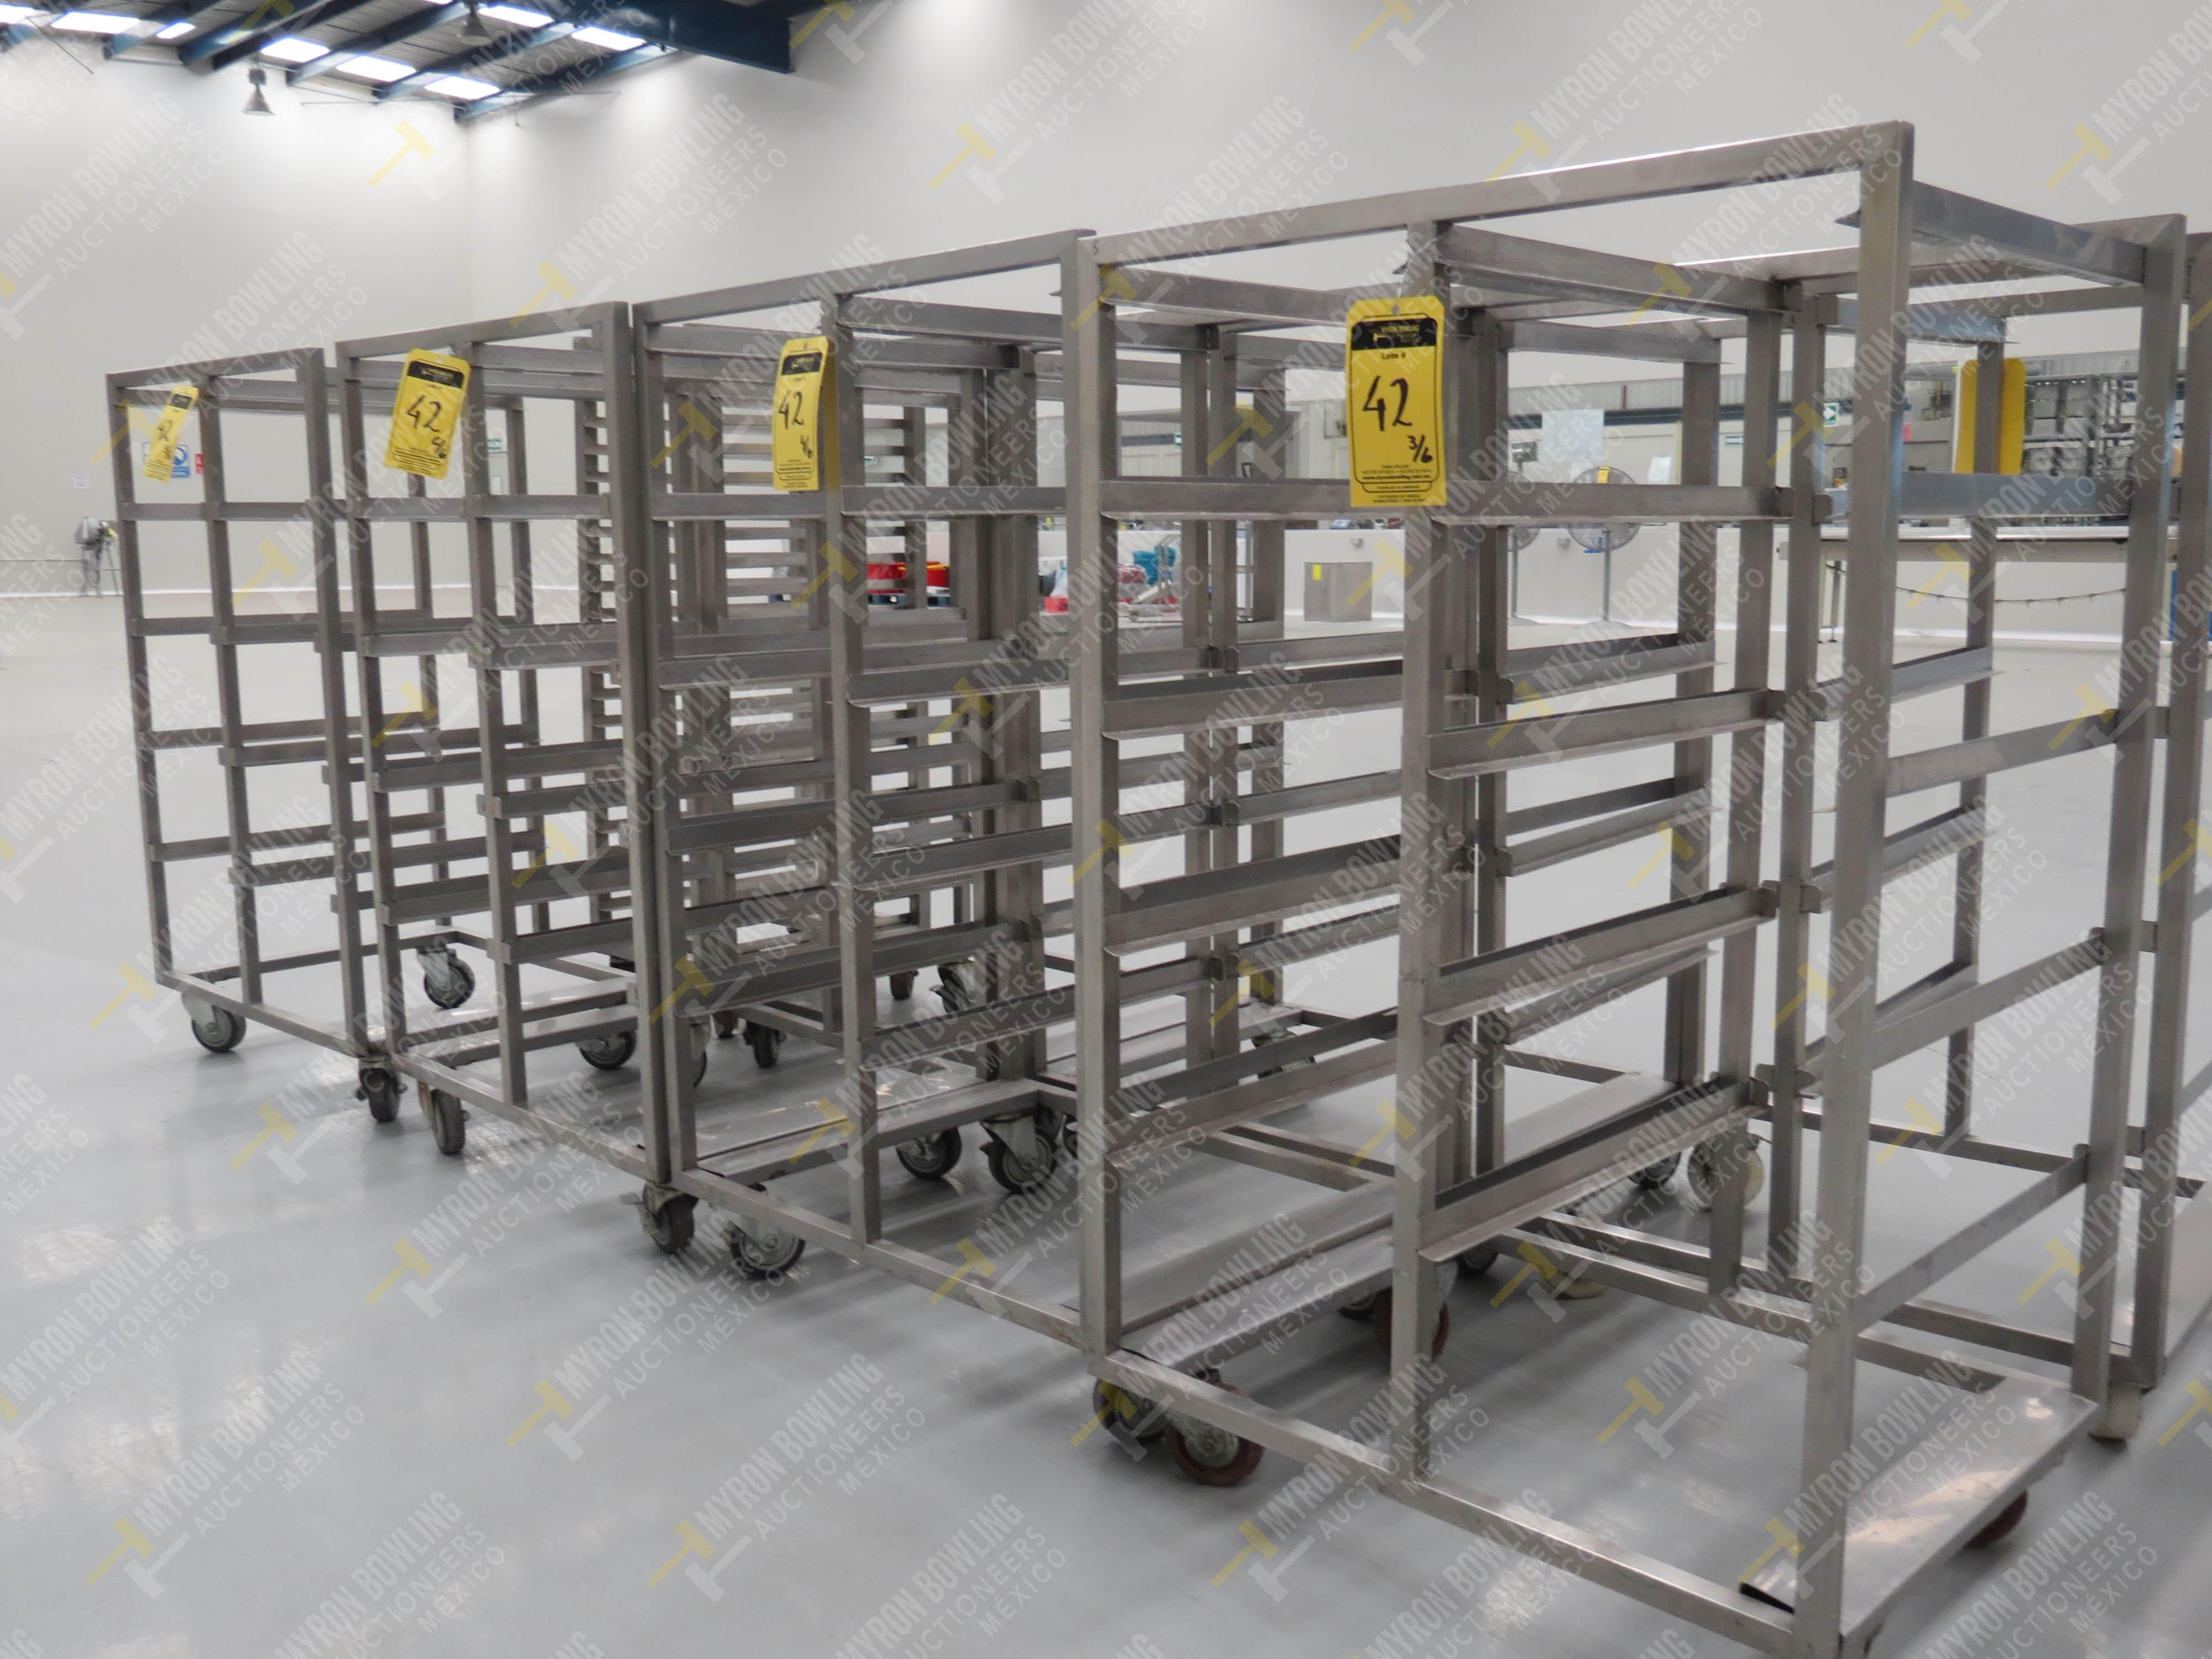 Túnel de congelación de alimentos marca Criocabin, Modelo G130020, No. de Serie 29535666 … - Image 12 of 12